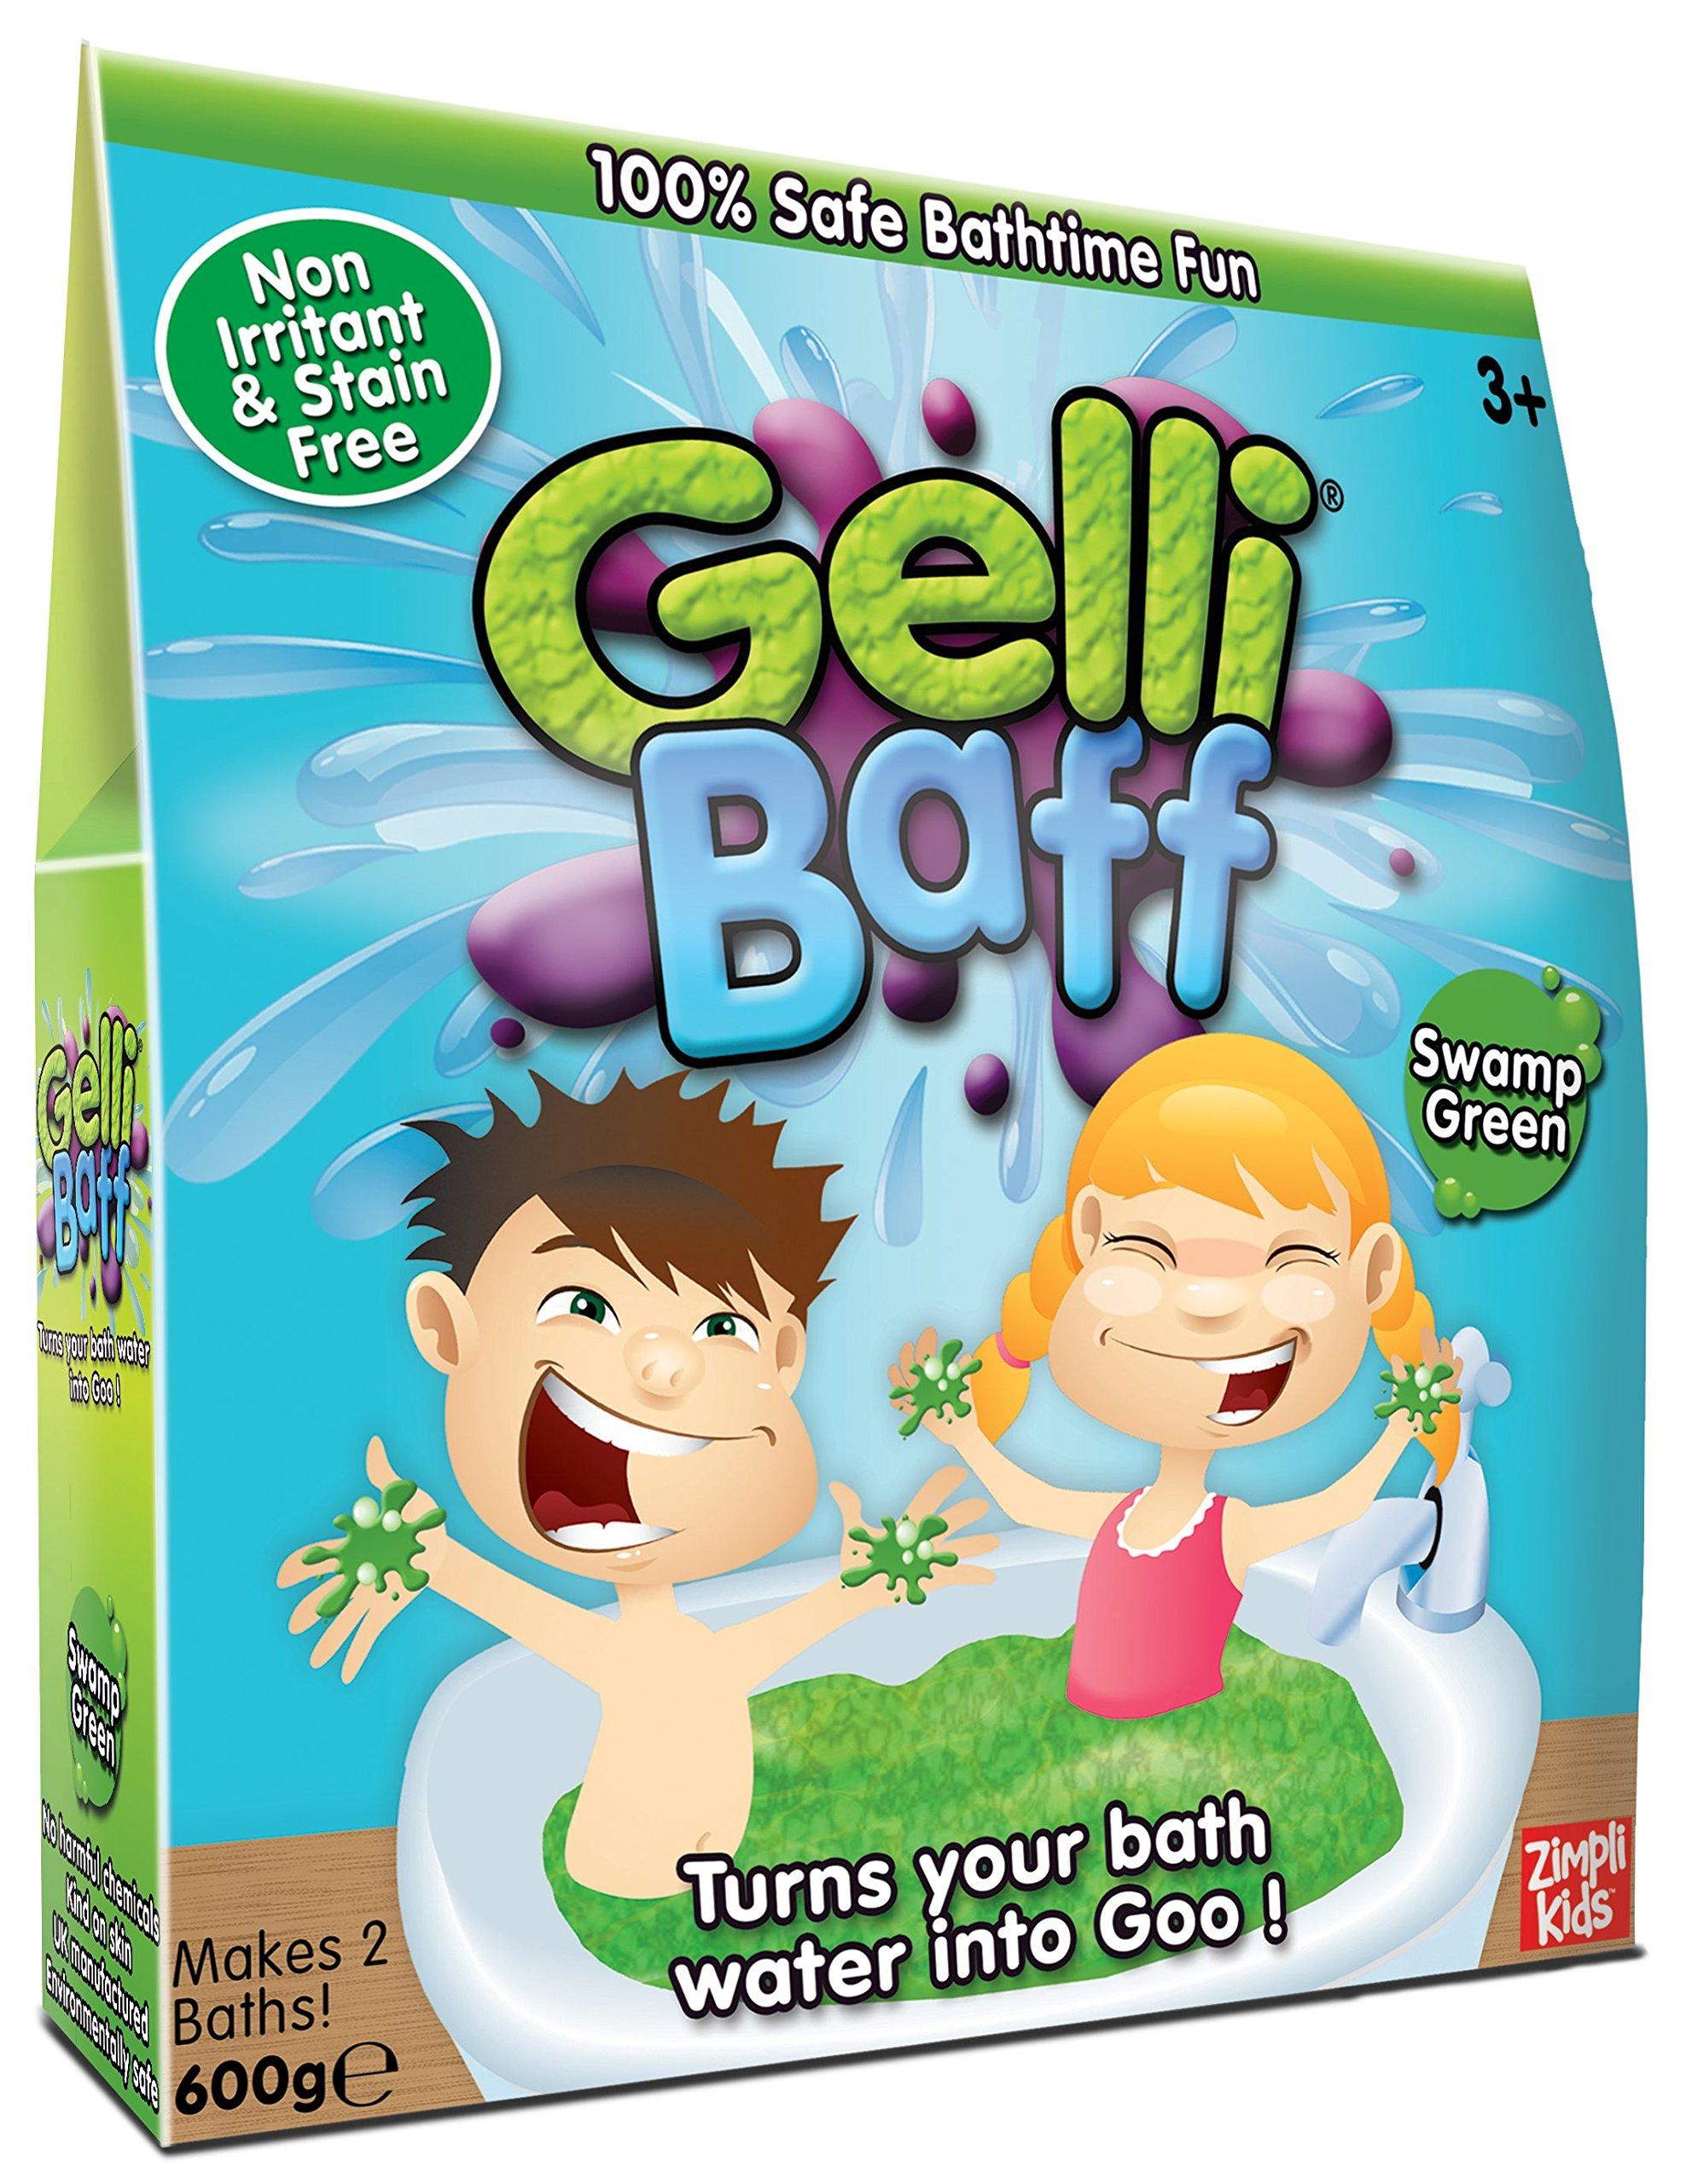 Zimpli Kids Green Gel Bath Gelli Baff 2-Use 600G Box